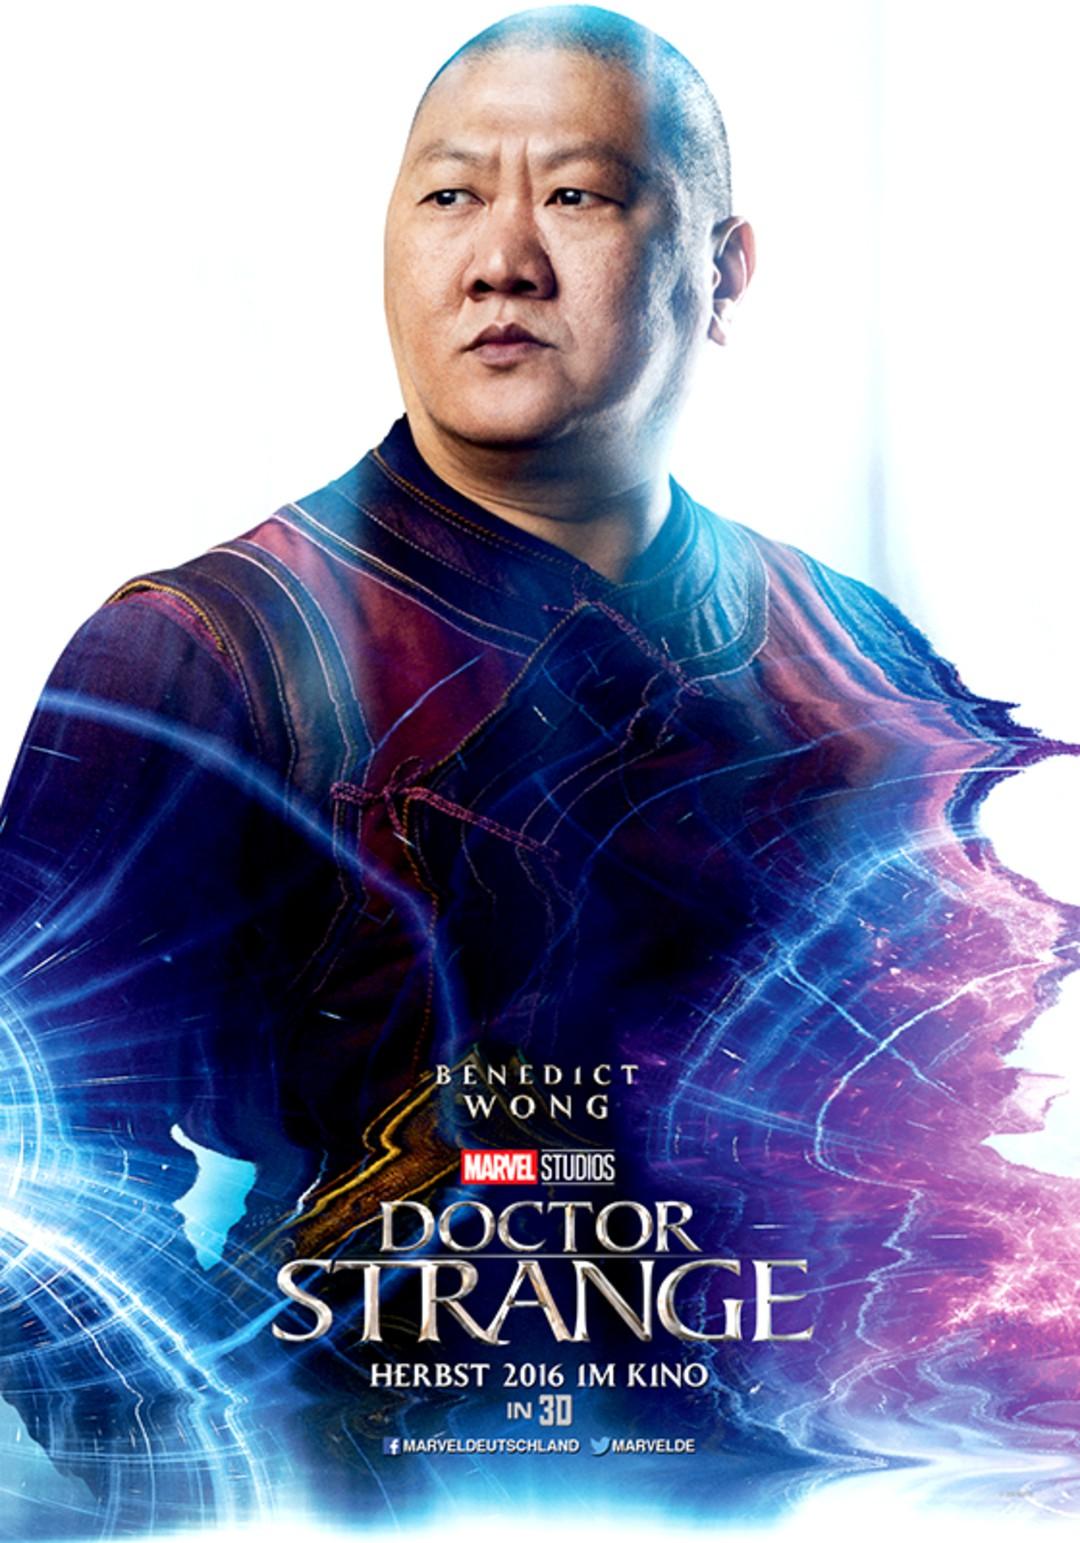 Die Welt des Doctor Strange - Bild 6 von 7